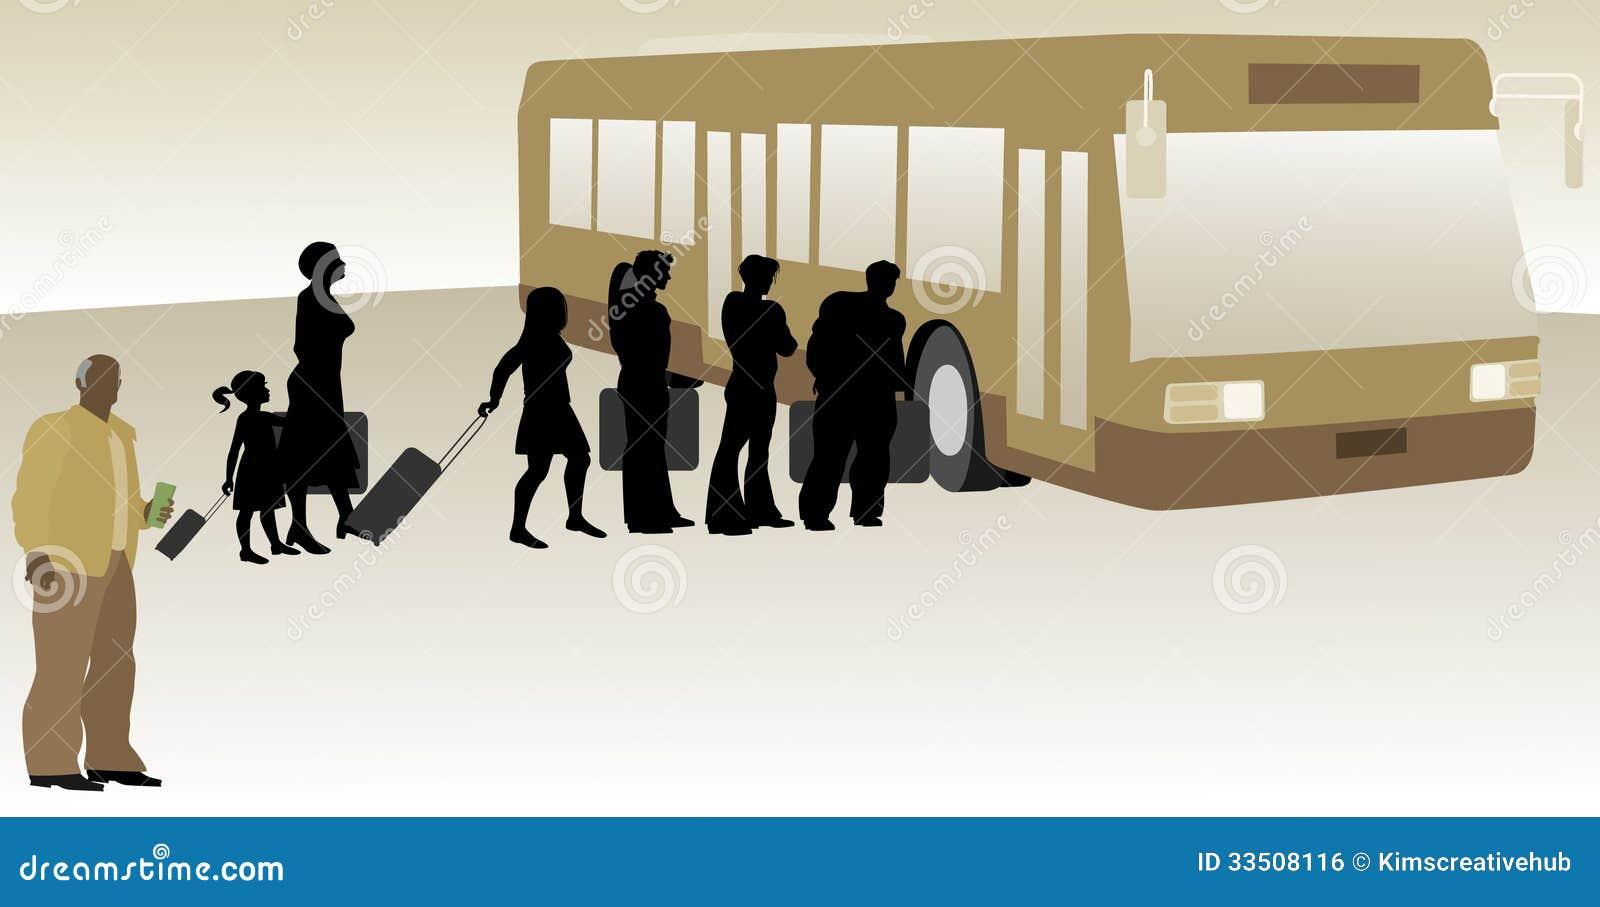 Οδηγός λεωφορείου με την τροφή επιβατών